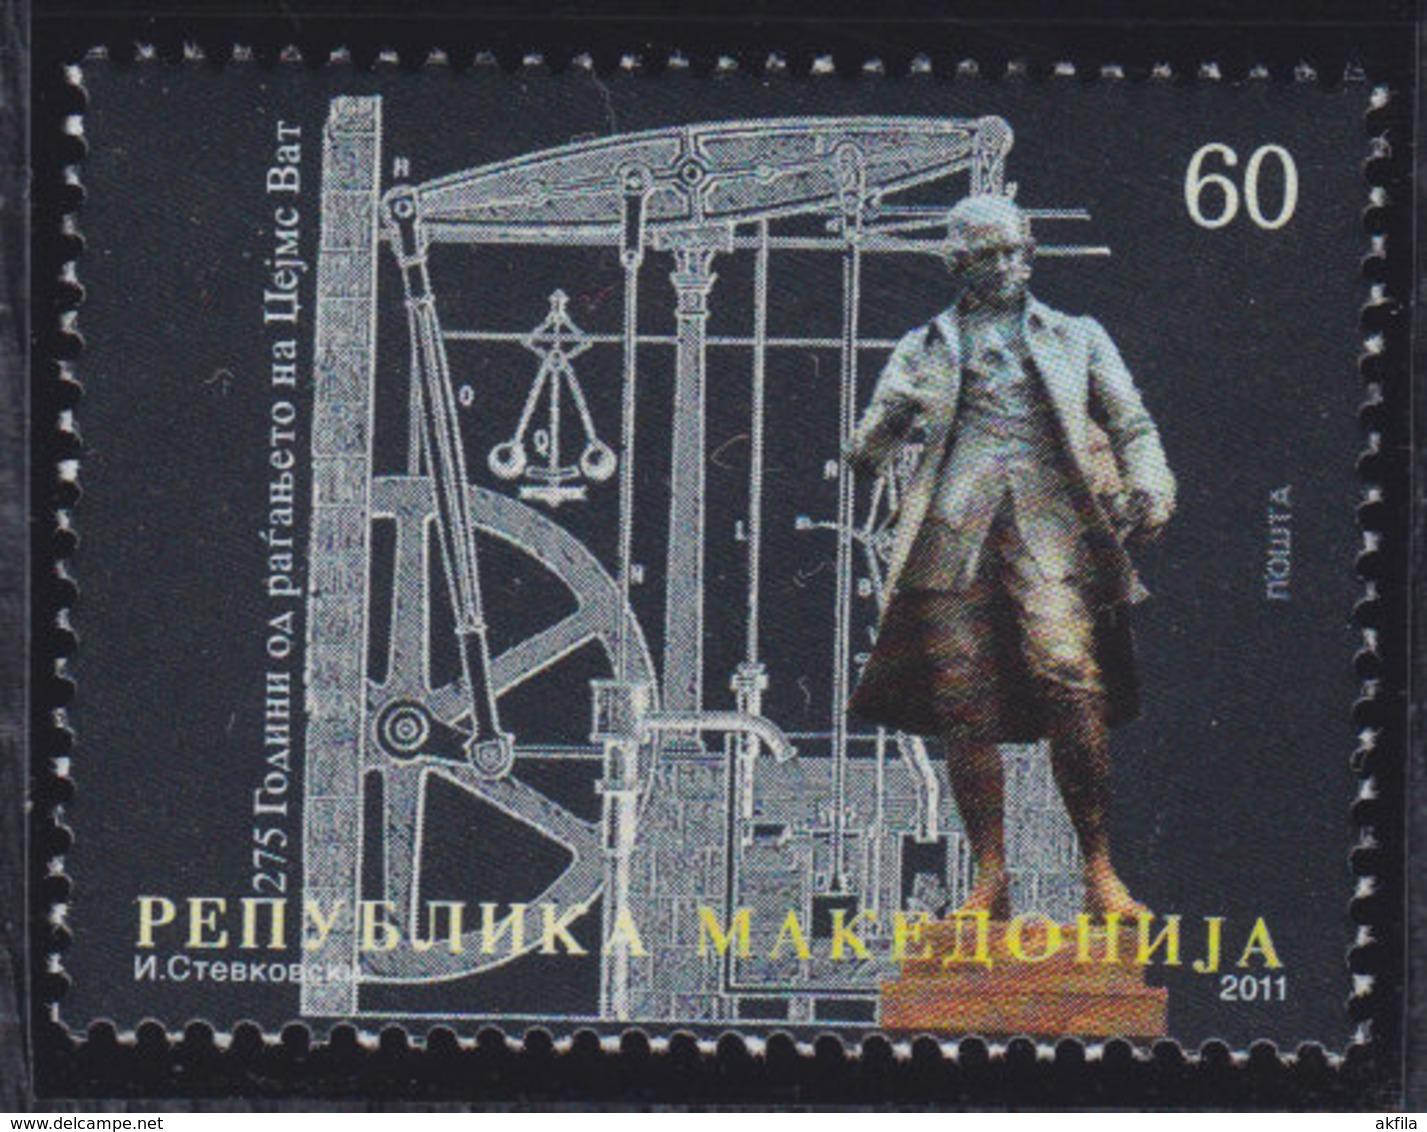 Macedonia 2011 Inventor James Watt, MNH (**) Michel 590 - Macedonia